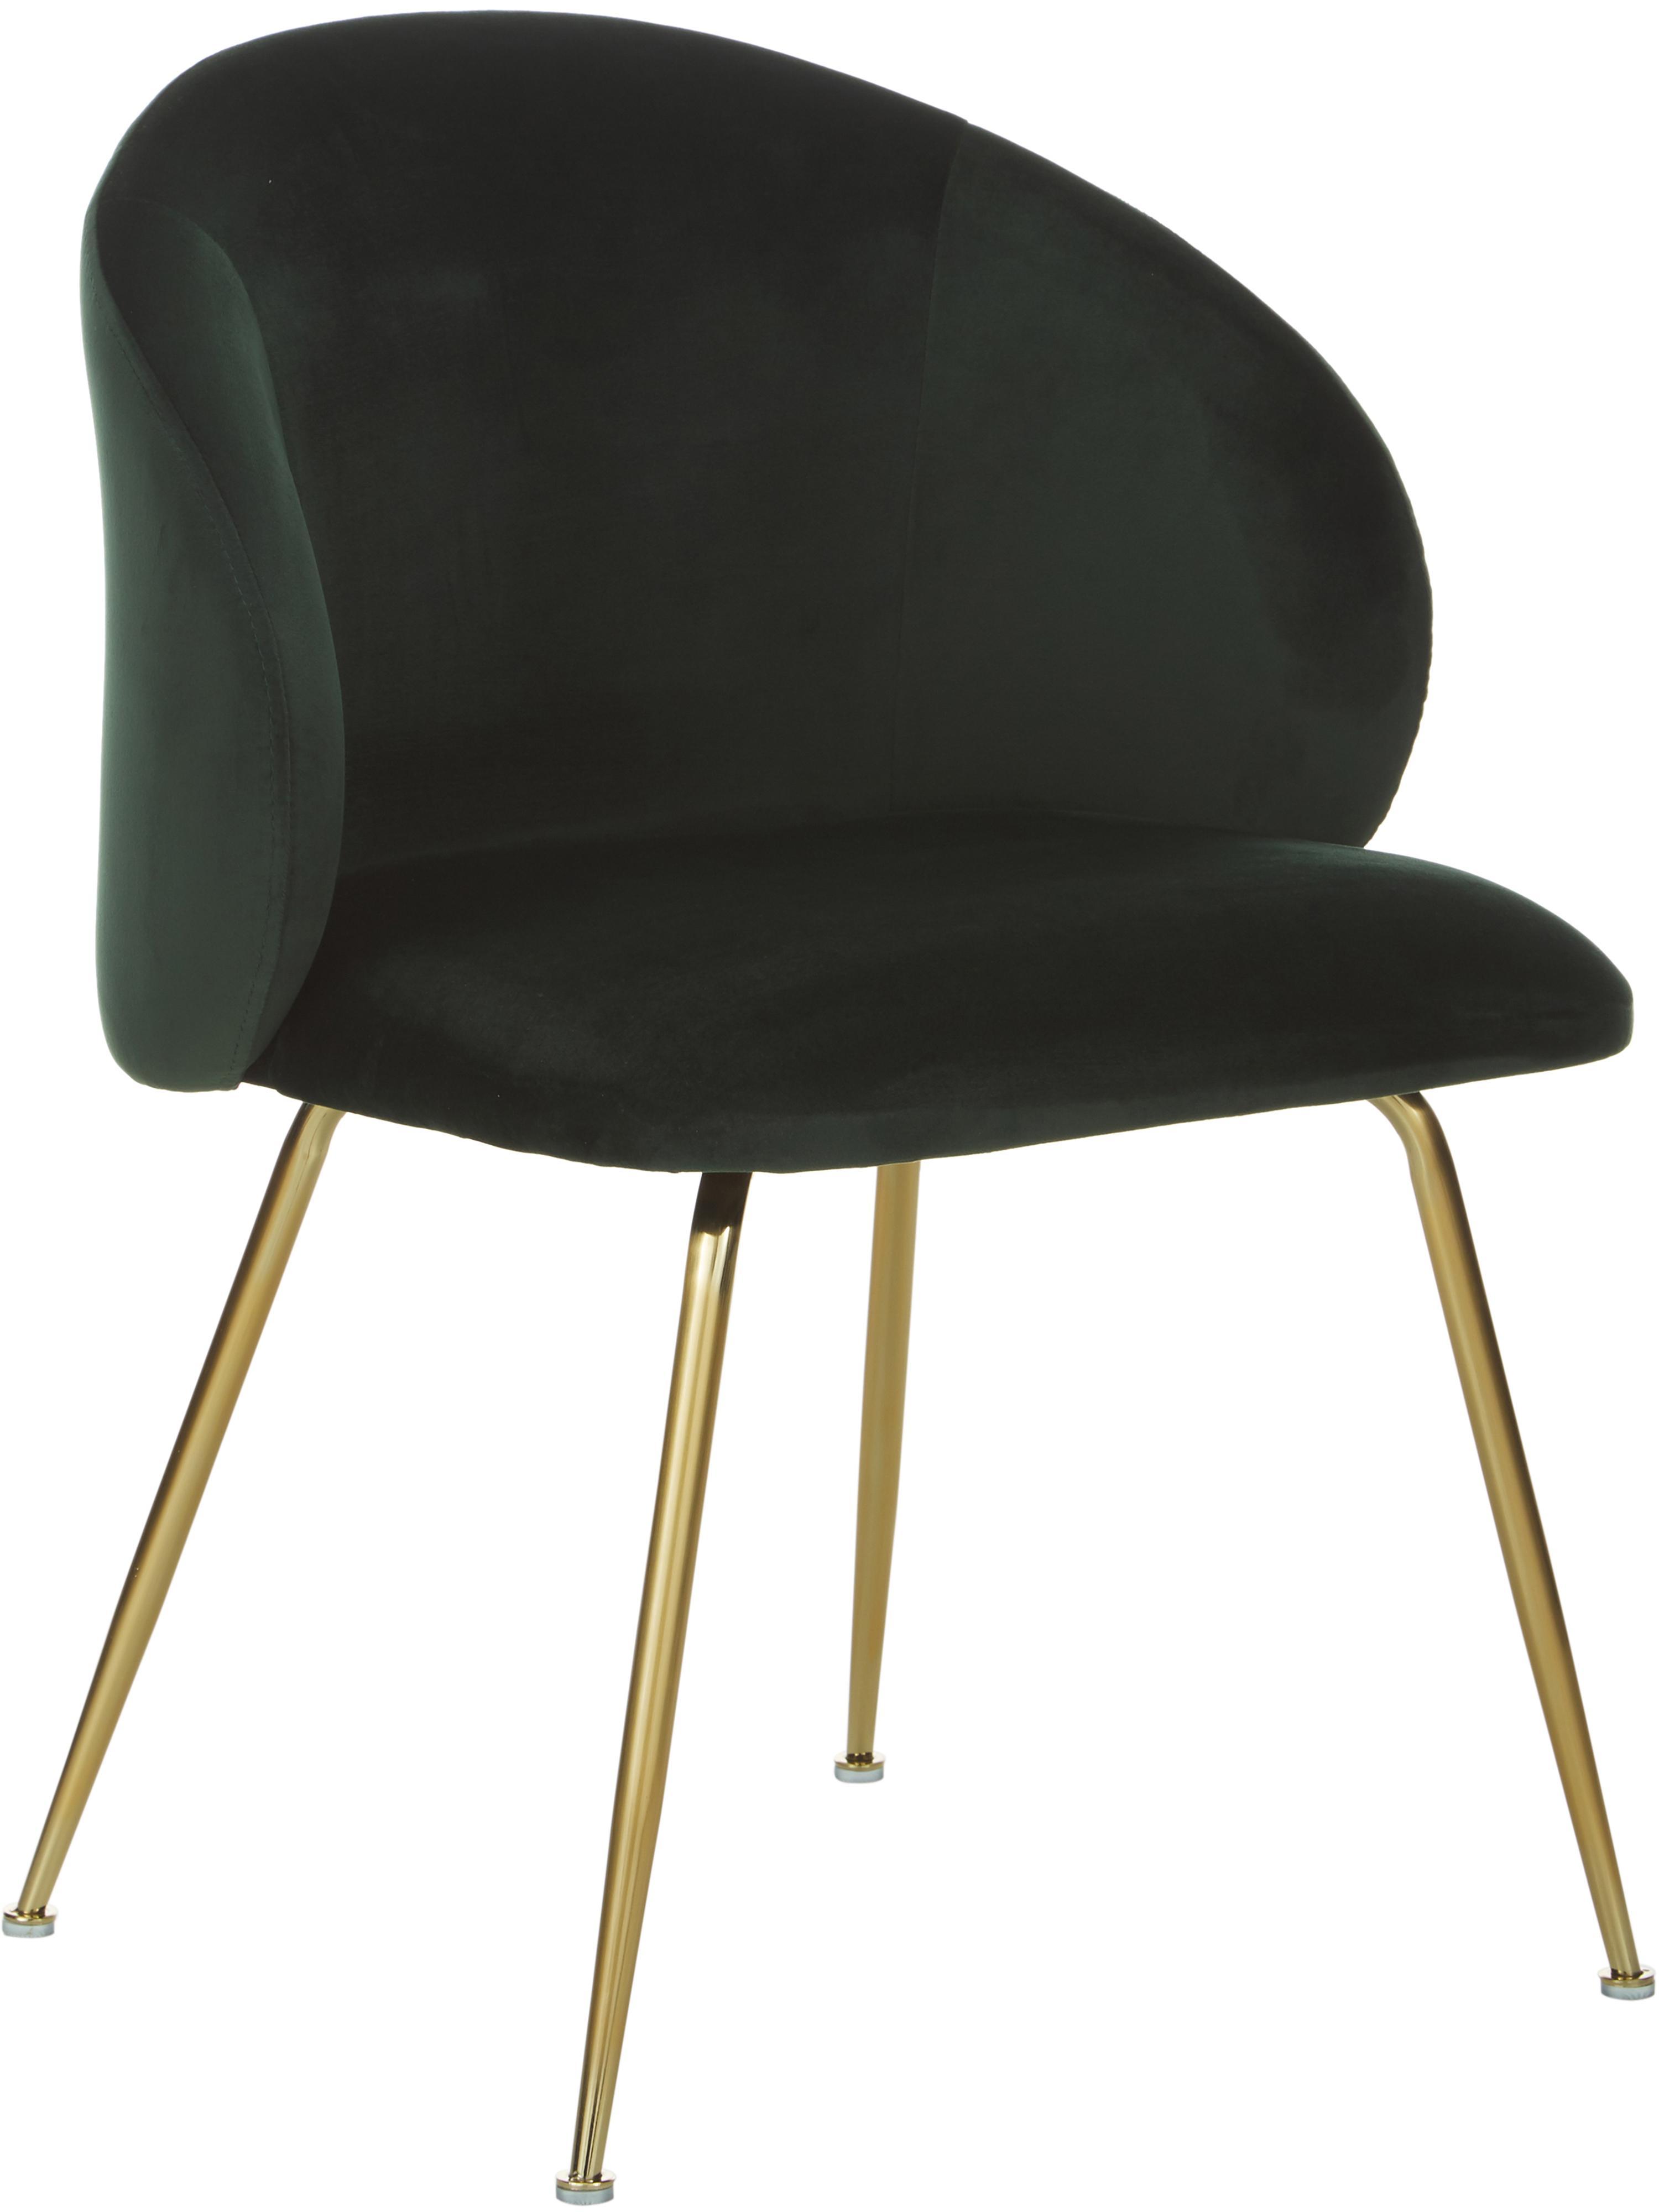 Samt-Polsterstühle Luisa, 2 Stück, Beine: Metall, lackiert, Samt Dunkelgrün, Gold, 61 x 58 cm